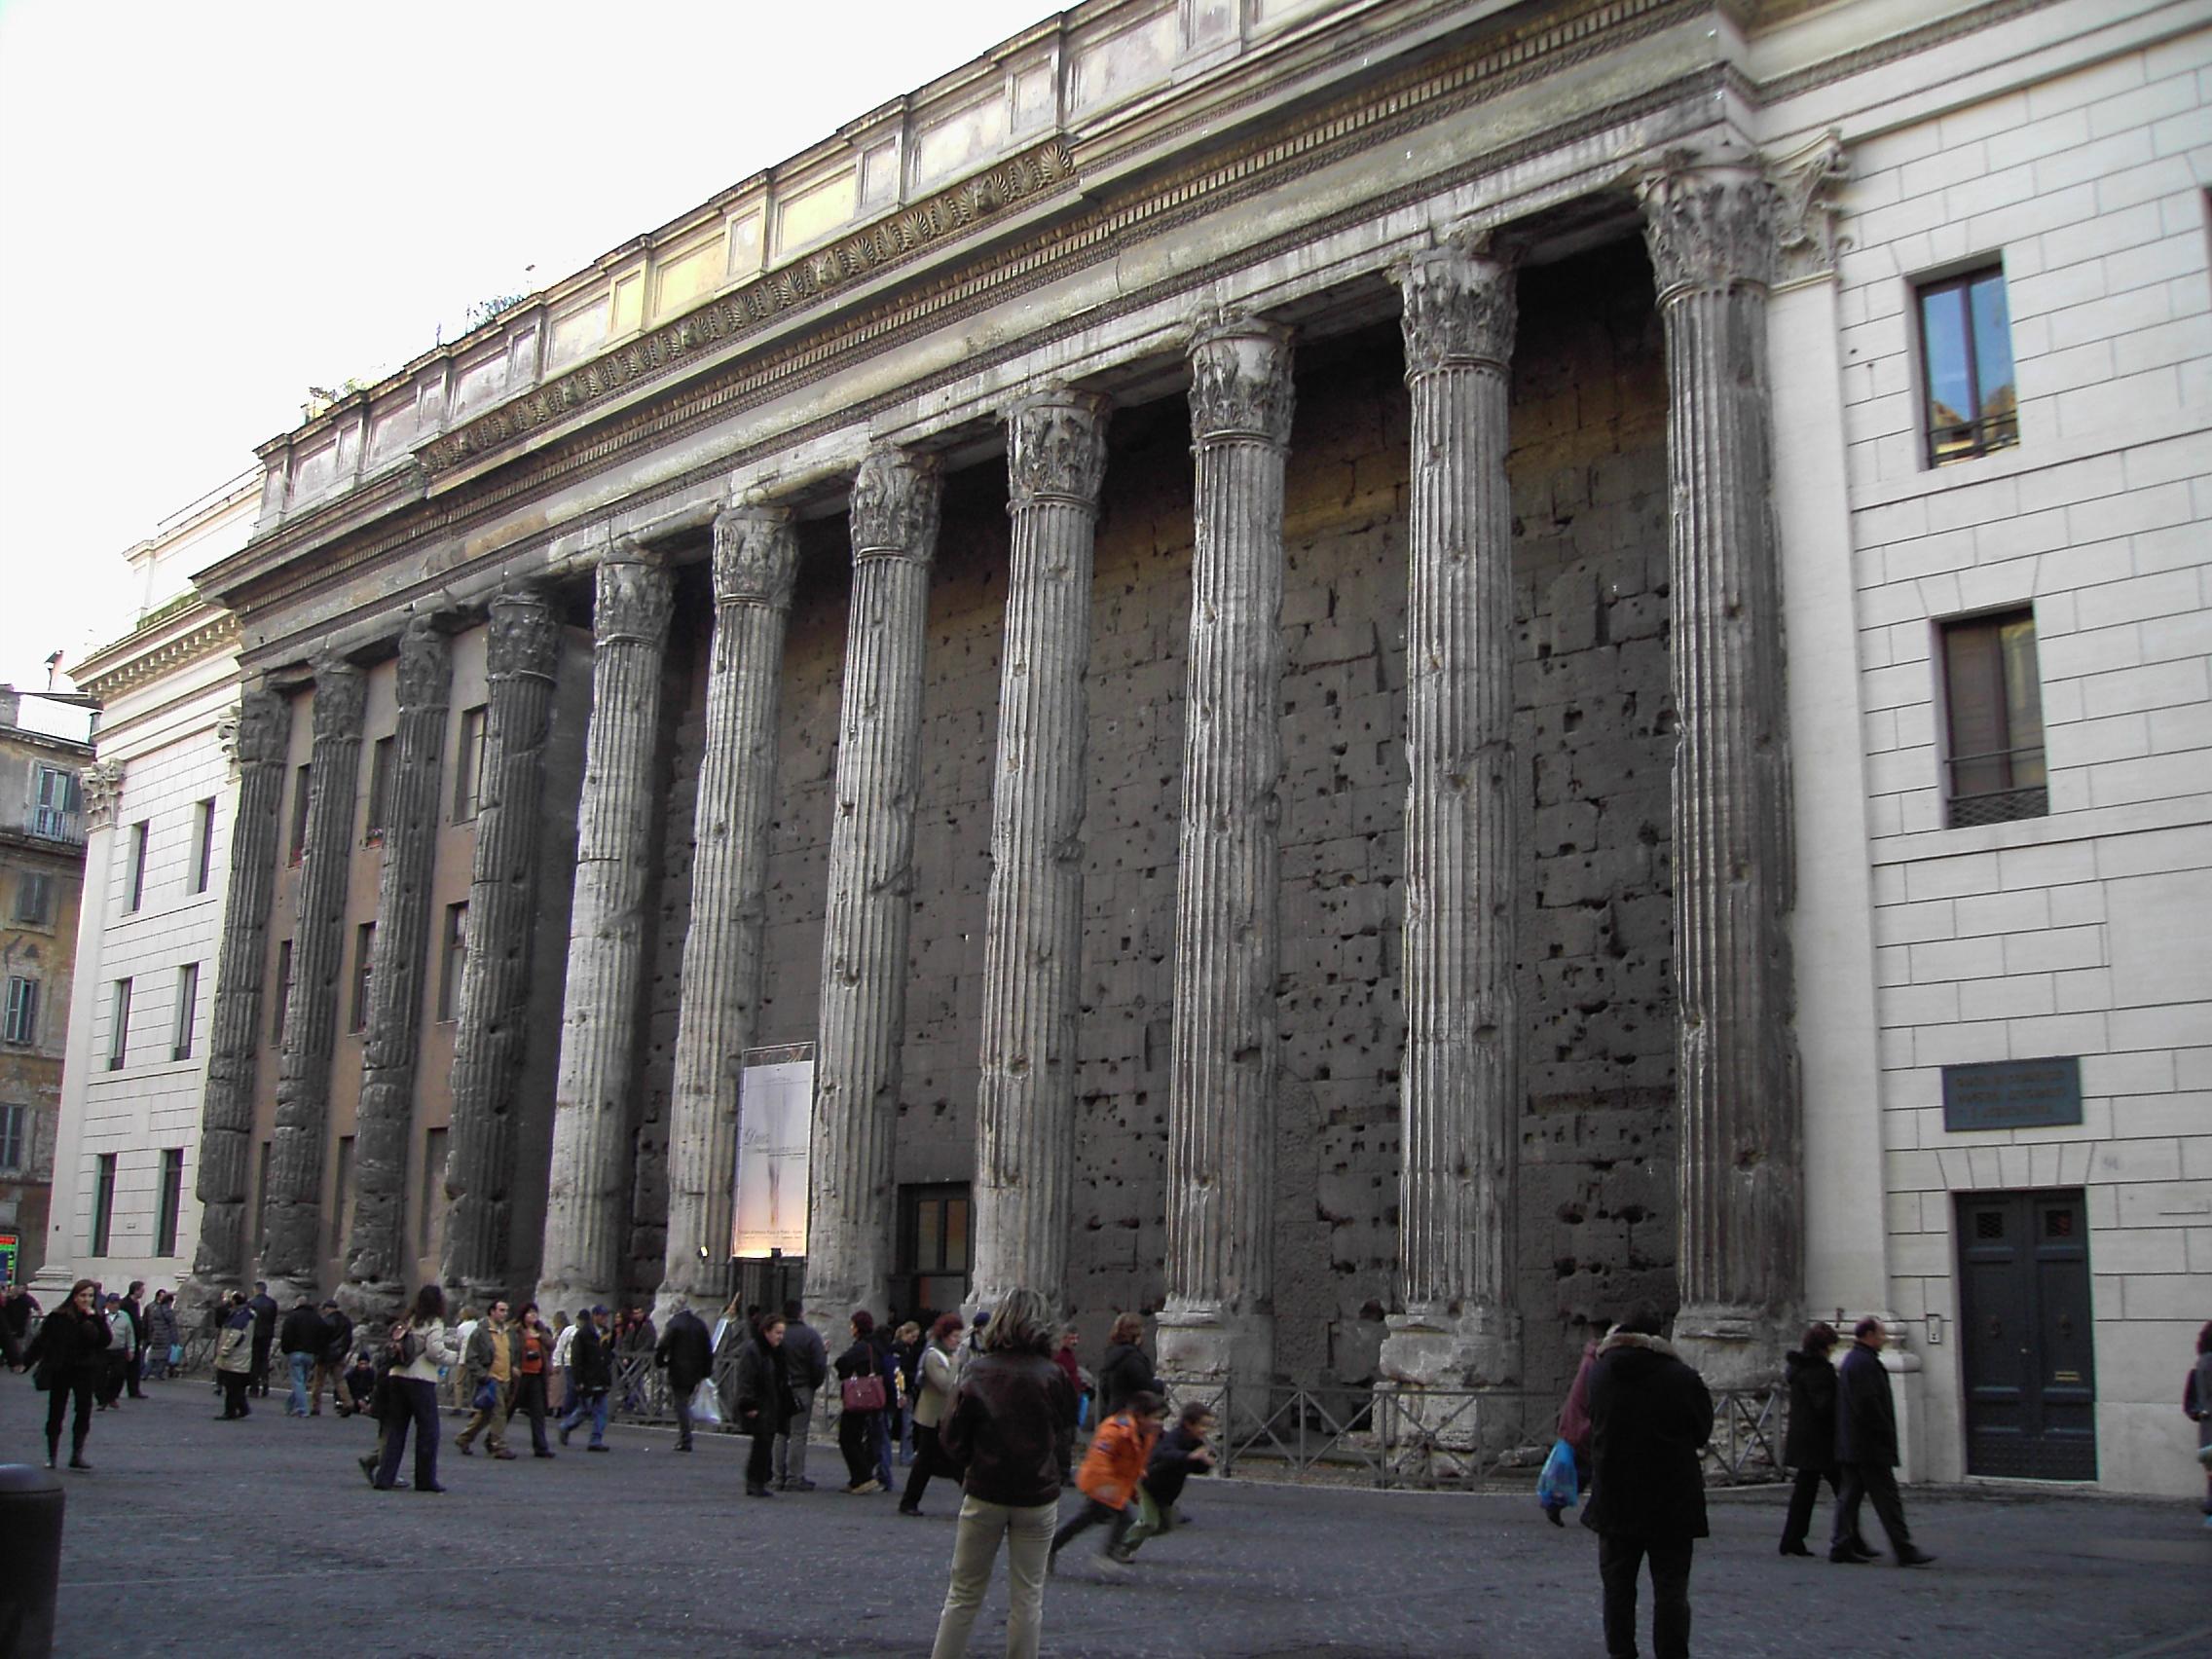 View of Columnade